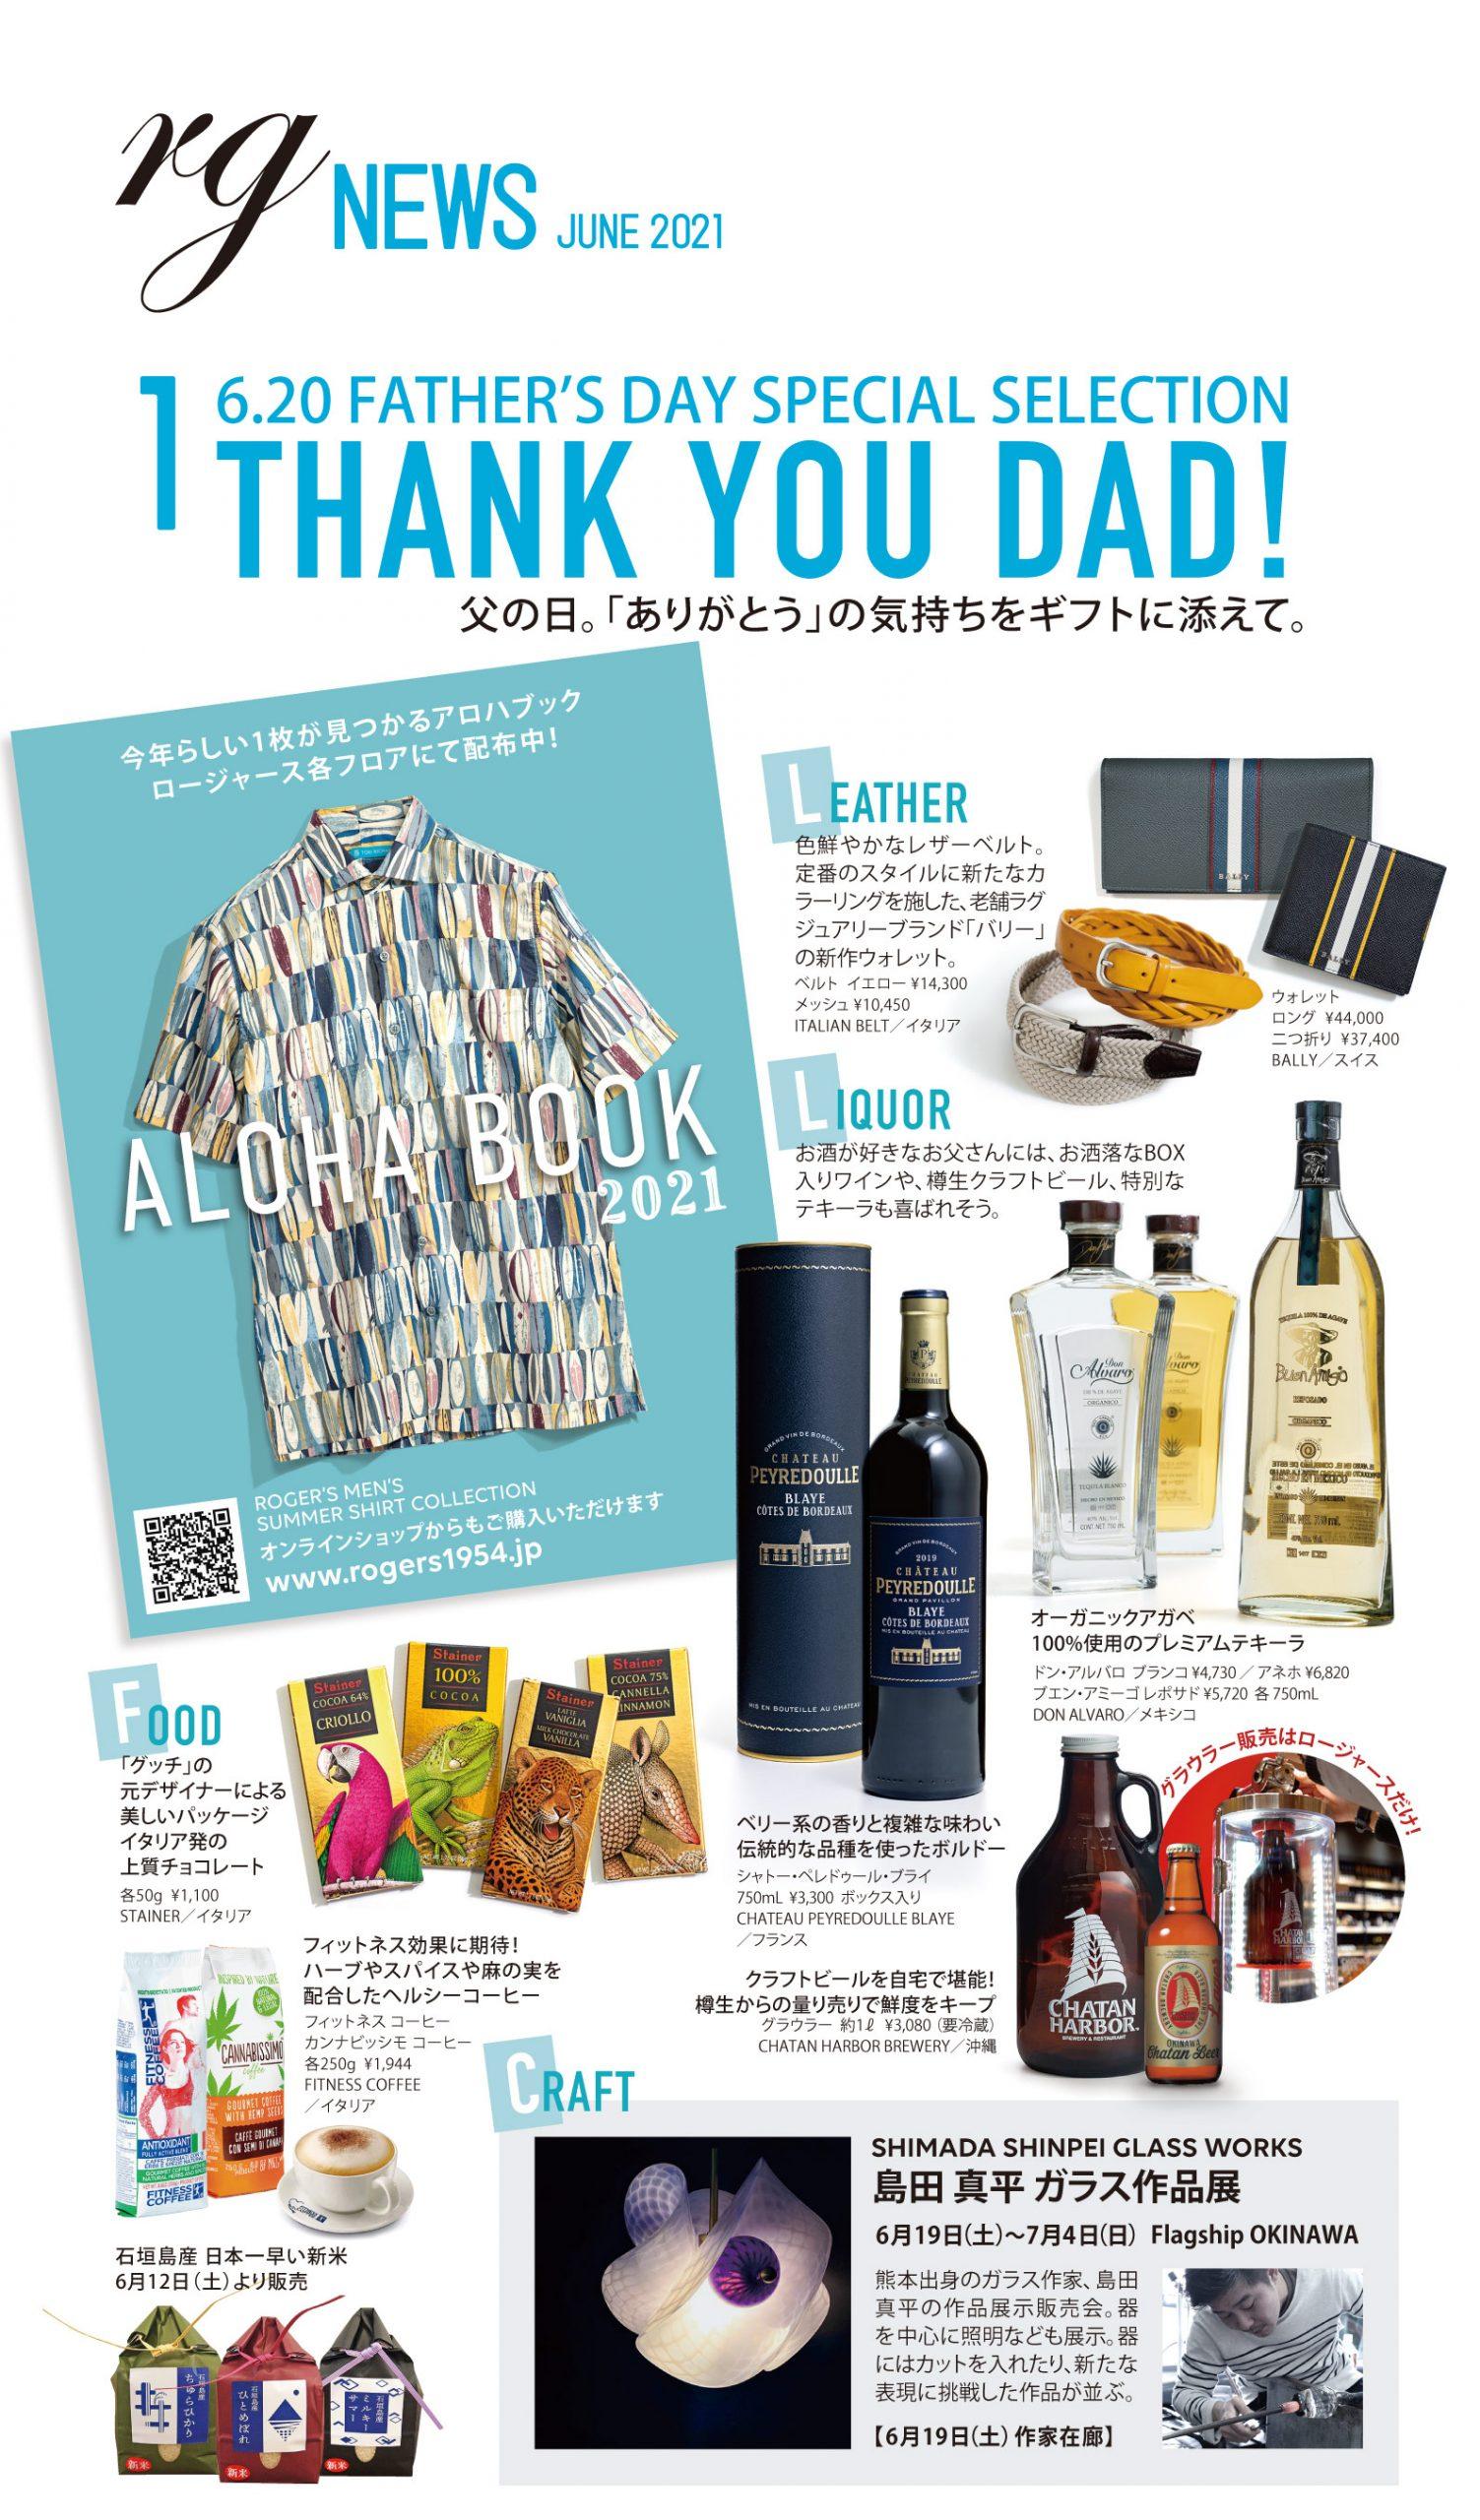 THANK YOU DAD! 6/20は父の日。「ありがとう」の気持ちをギフトに添えて。